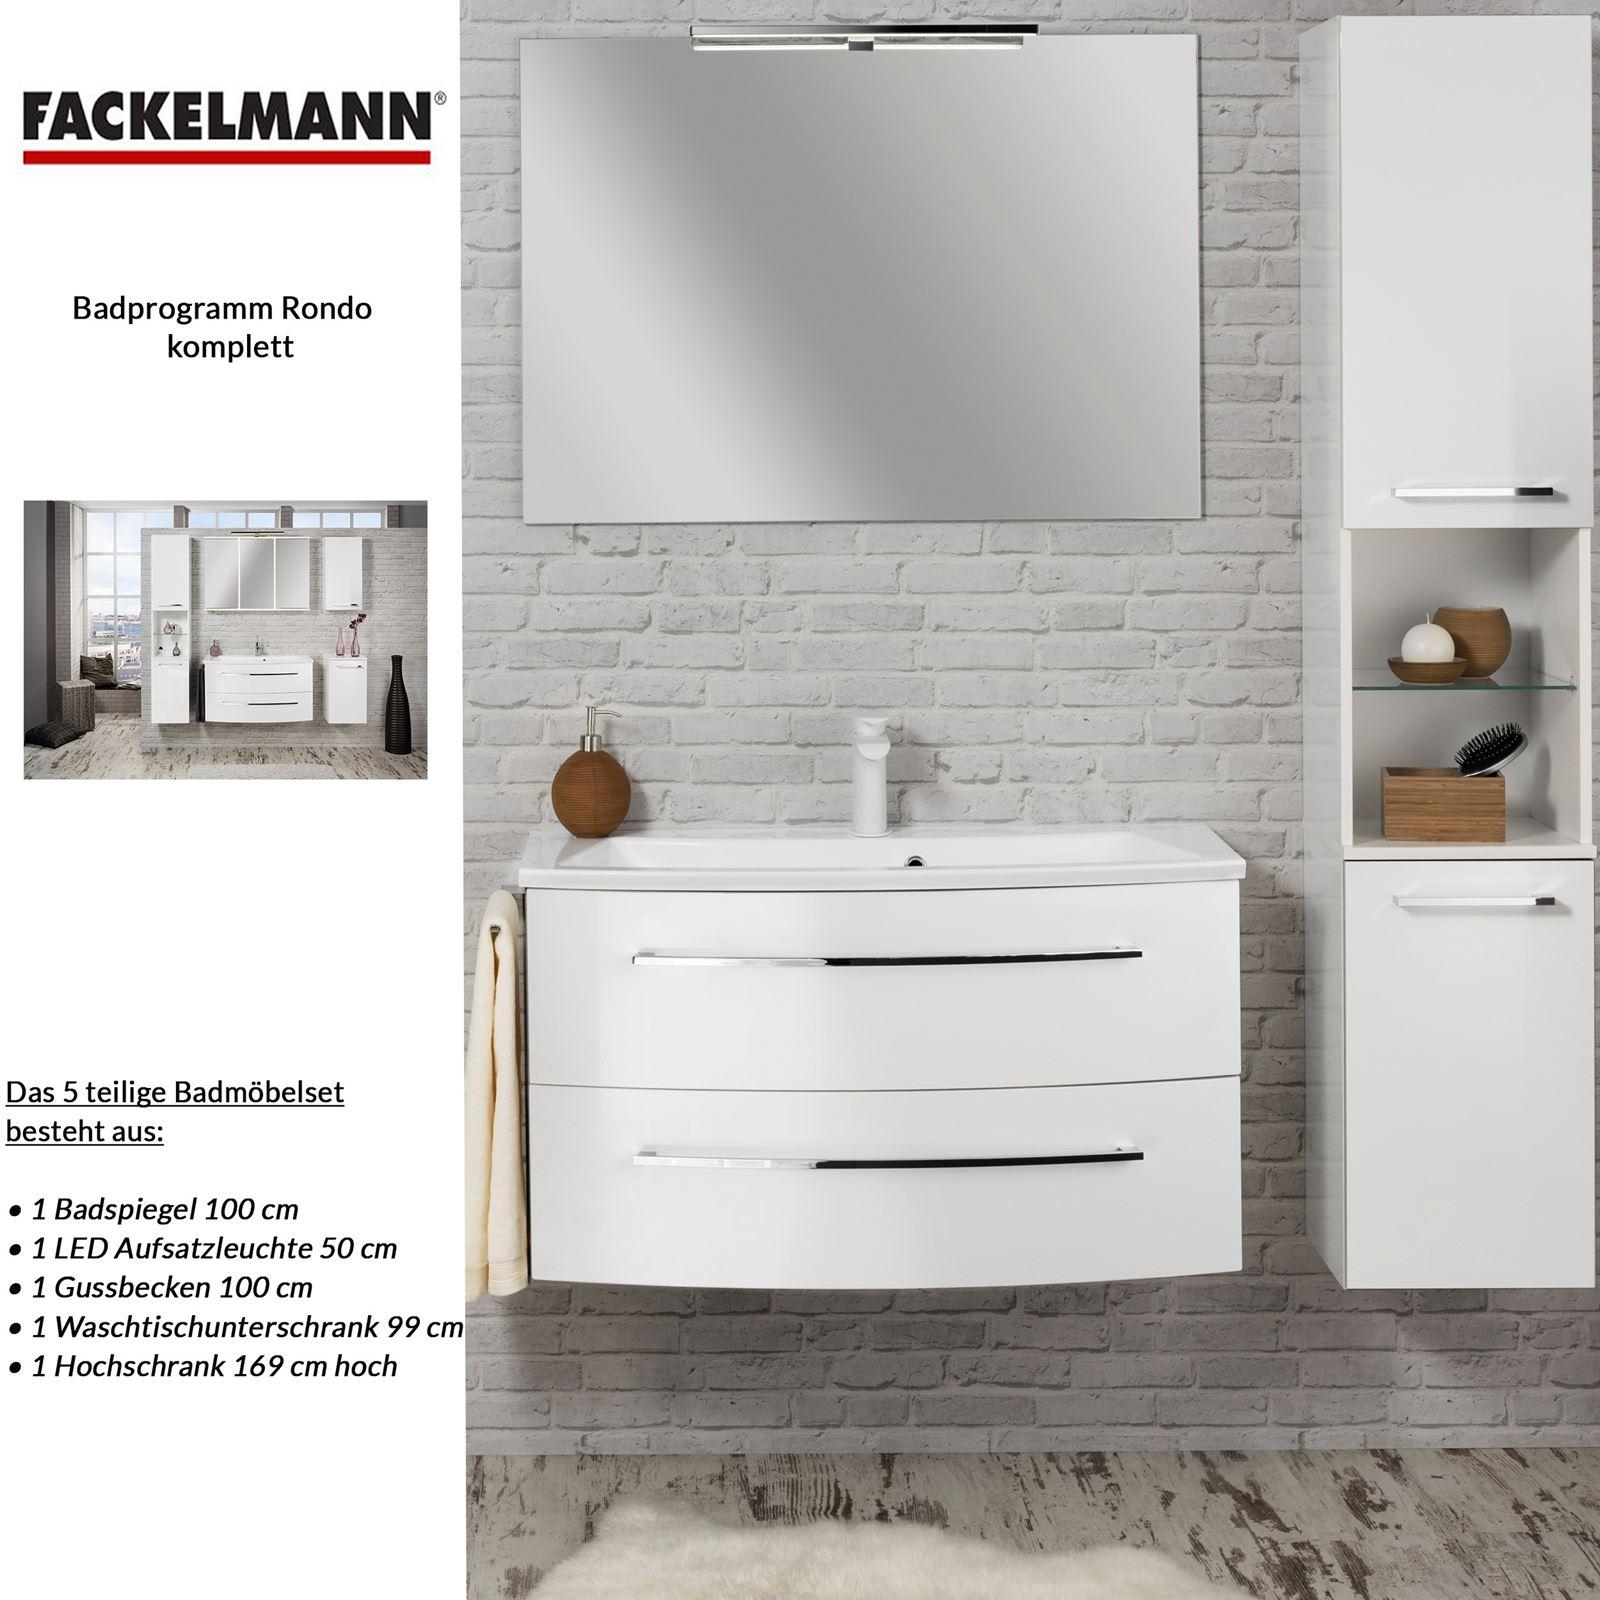 Fackelmann weißes Badezimmer Möbel Set hängend 100 cm 5 tlg